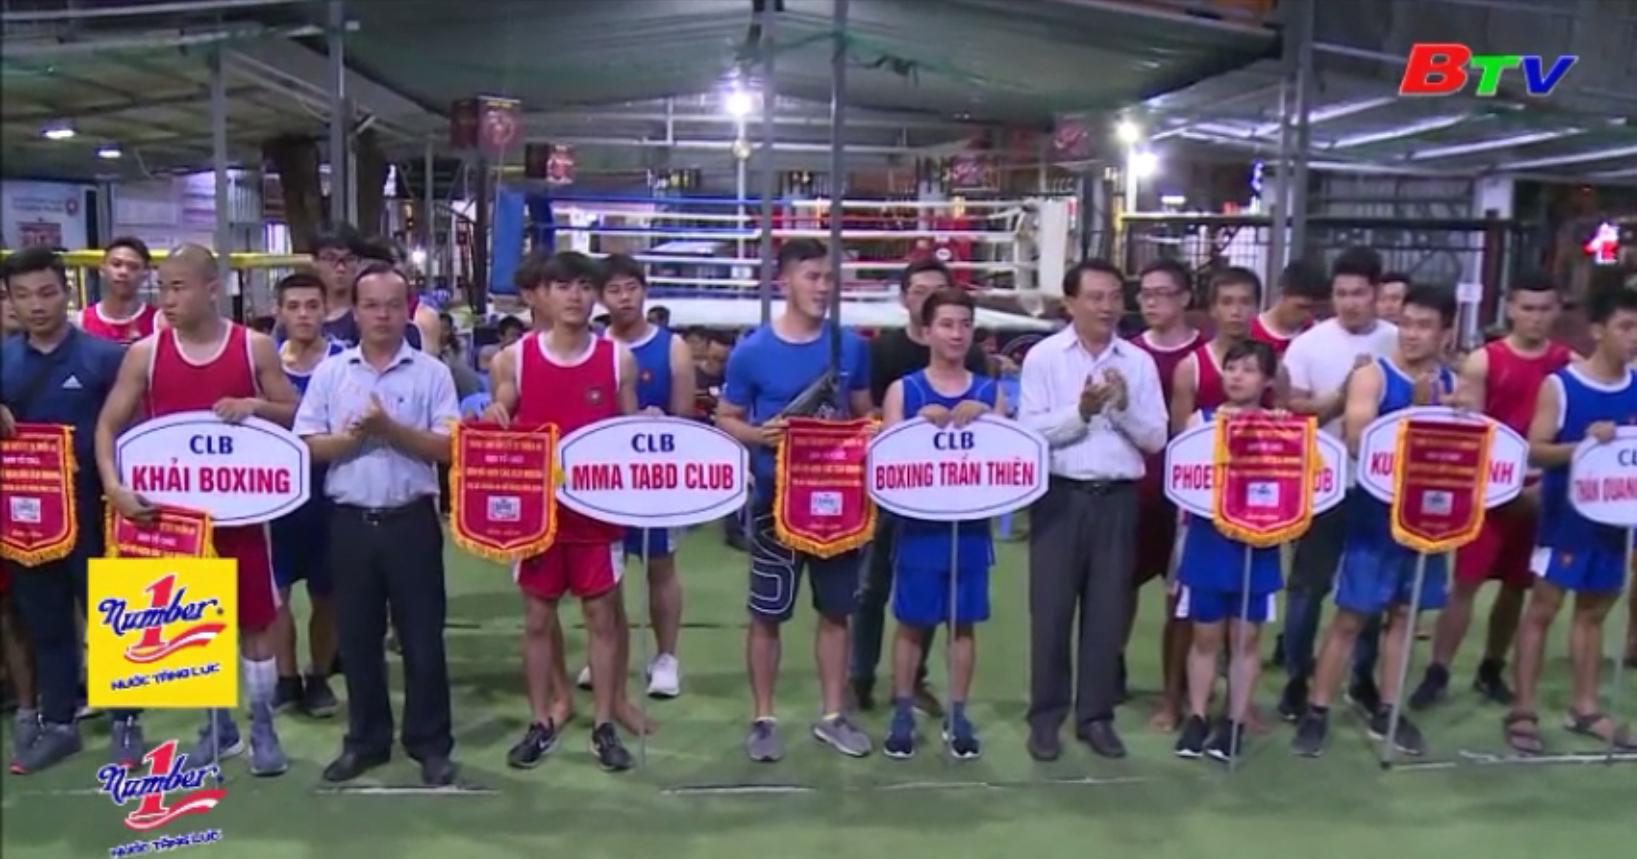 Giải vô địch Boxing các CLB mở rộng năm 2019